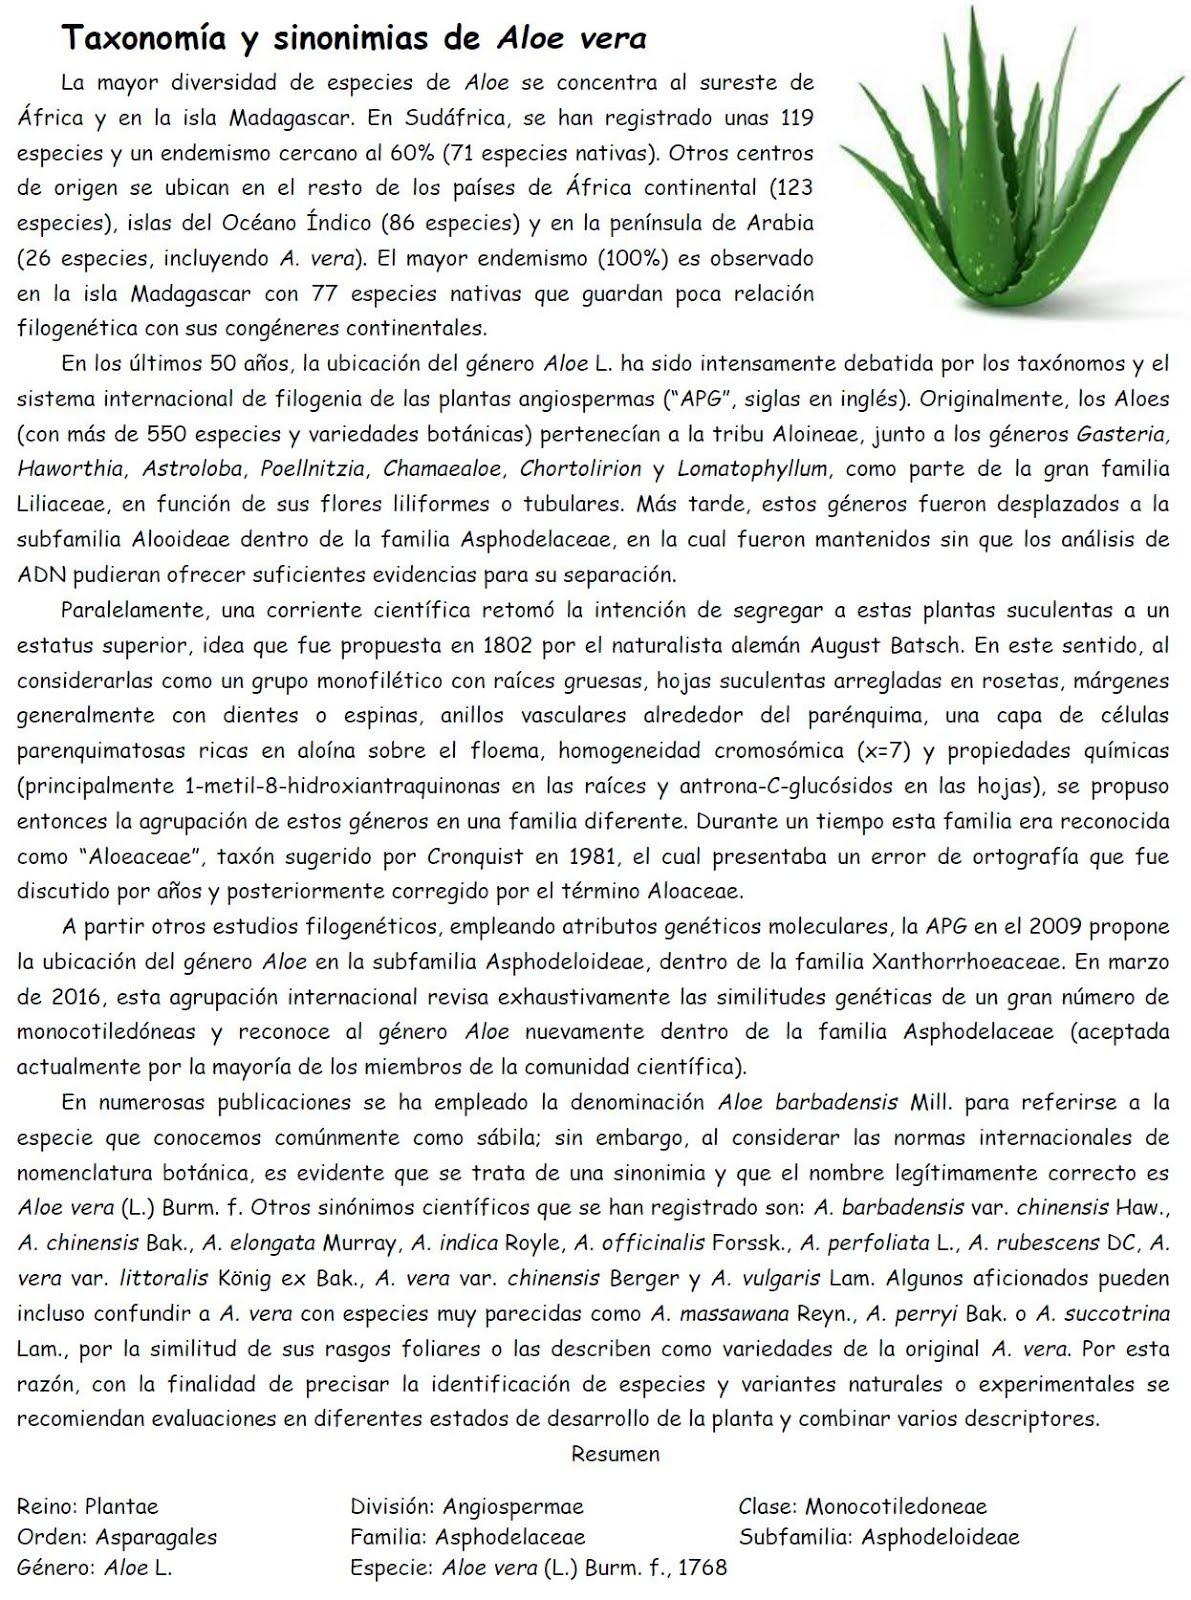 Taxonomía y términos científicos en Aloe